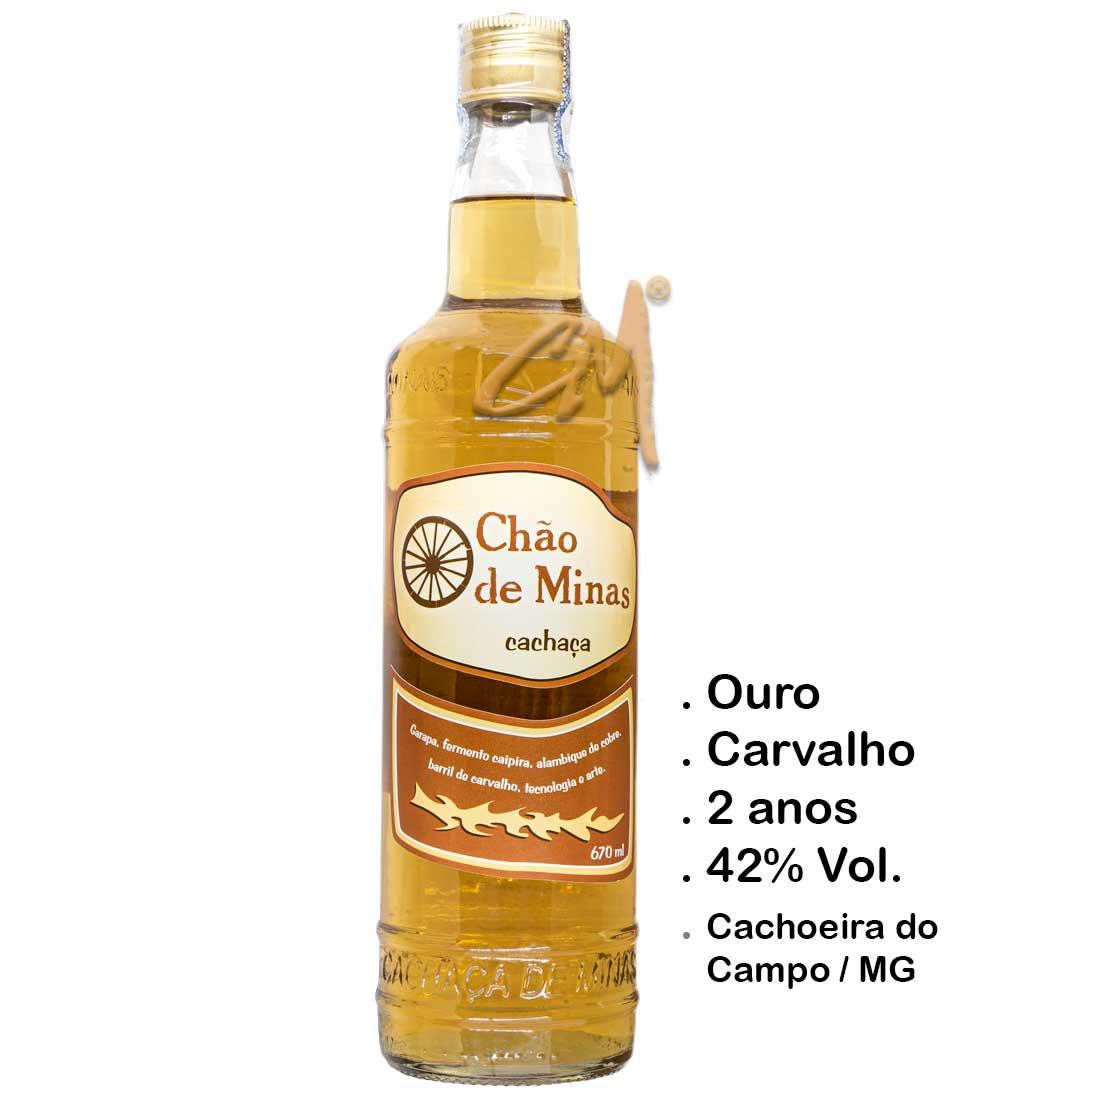 Cachaça Chão de Minas Ouro 670 ml (Cachoeira do Campo - MG)